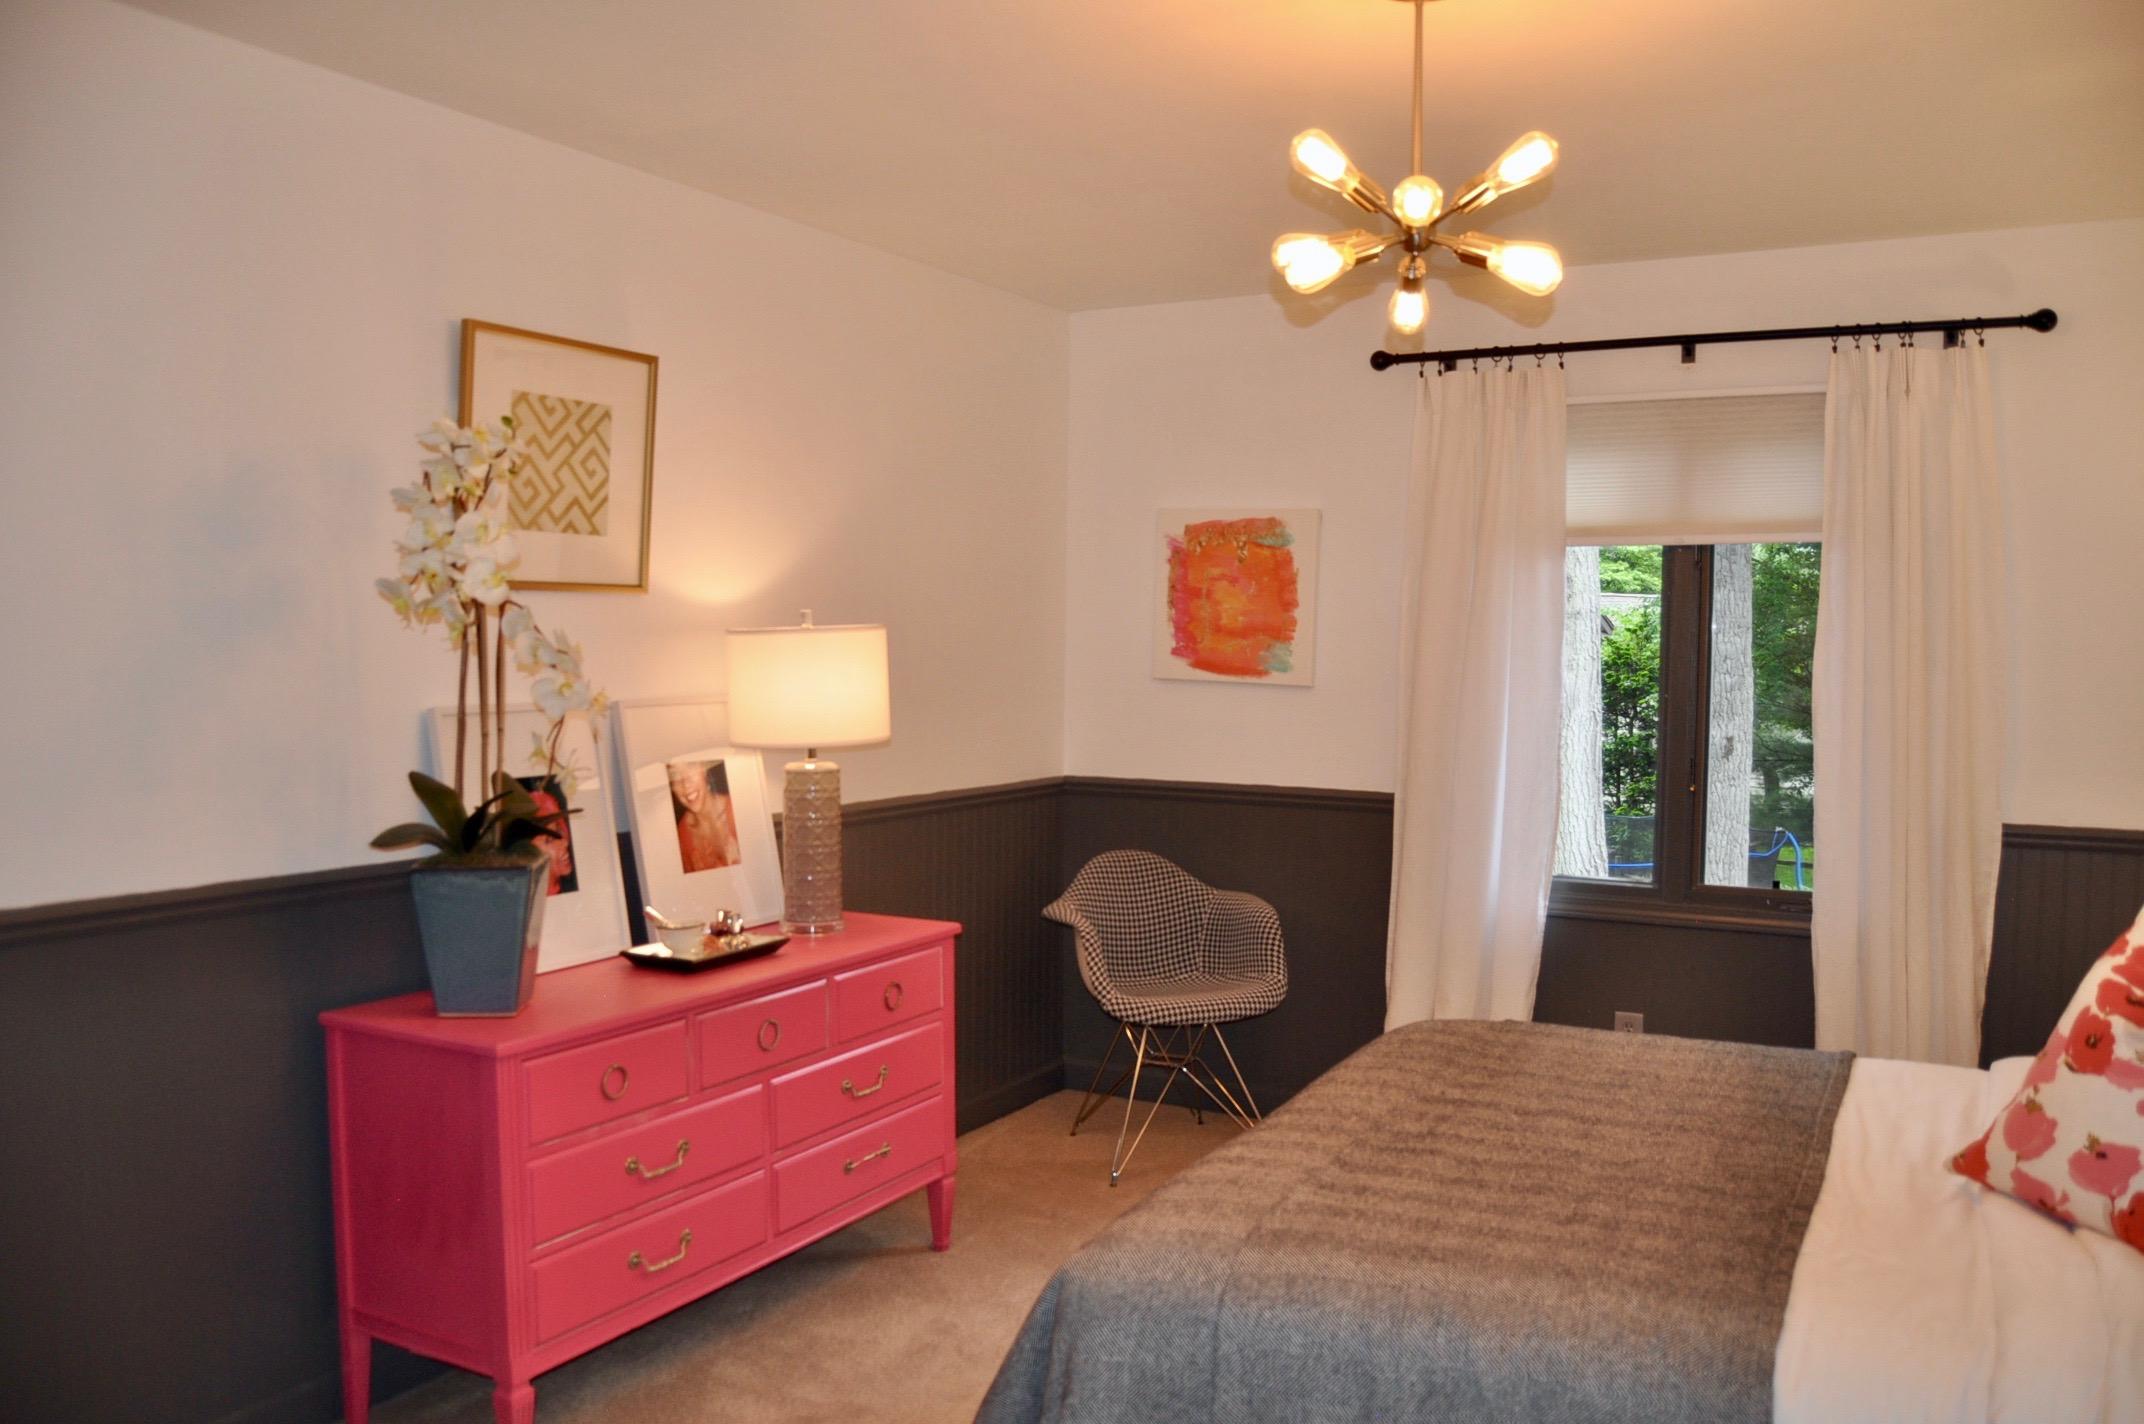 Funky guest bedroom